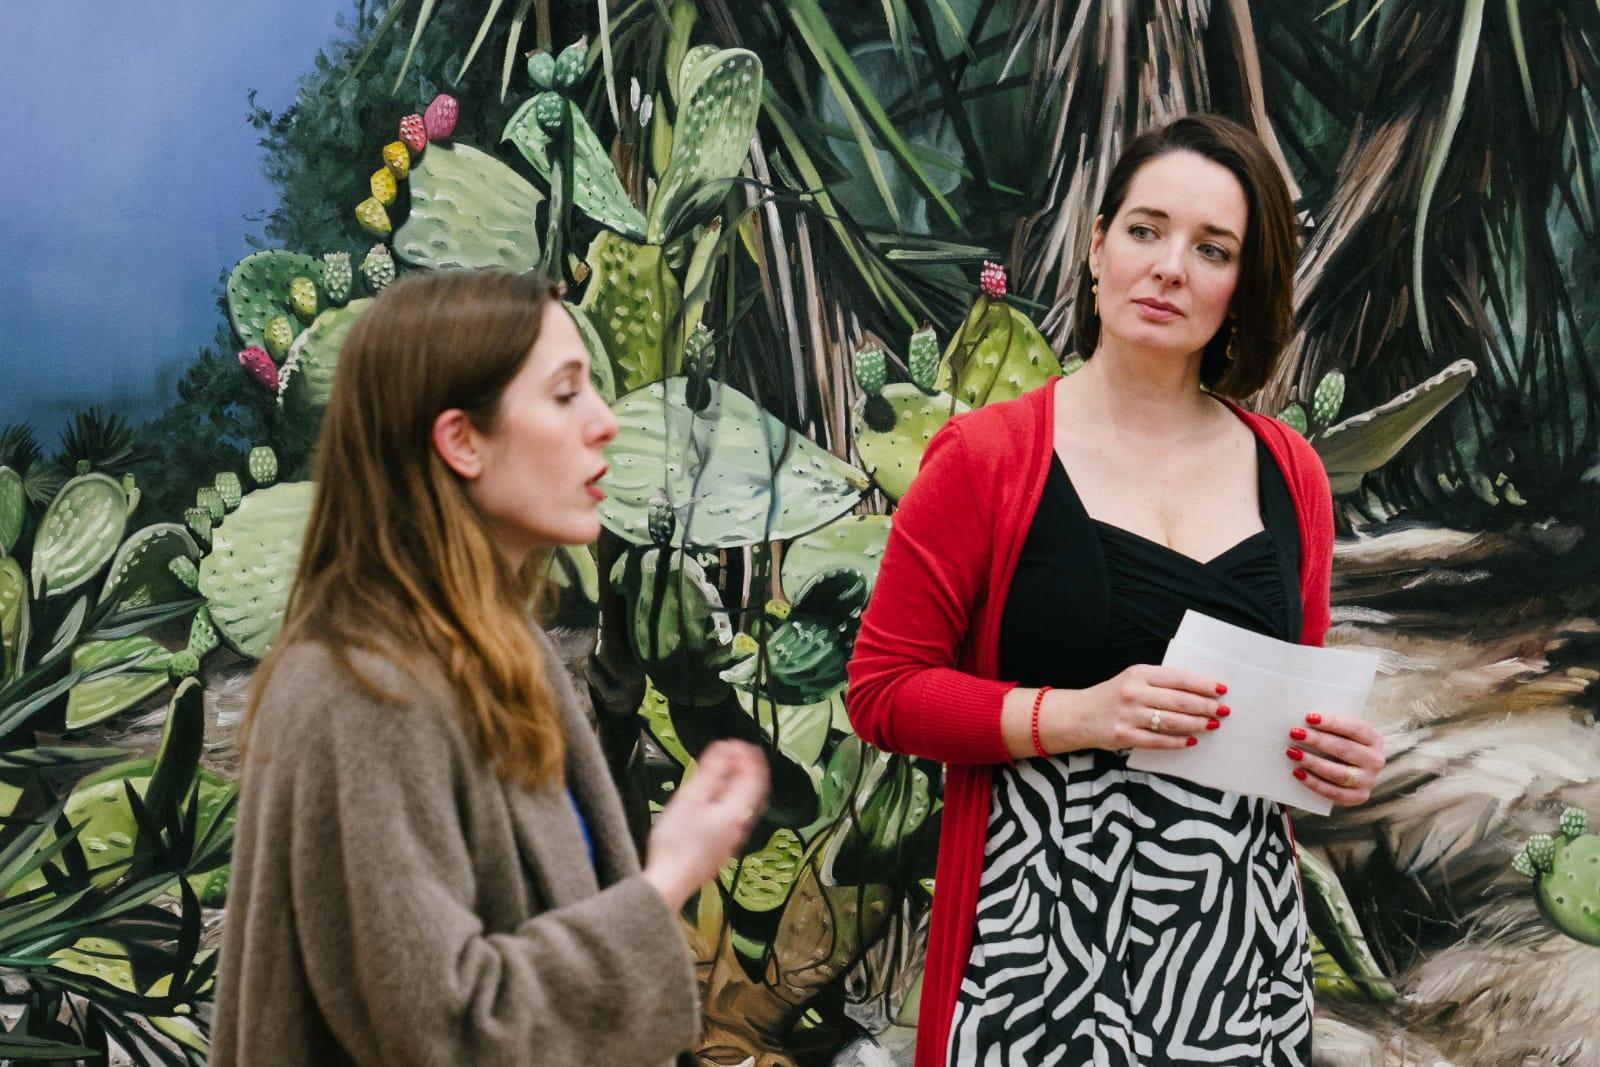 (c) Ania Holthausen - Agnieszka Mese und die Künstlerin Silke Albrecht bei der FrauenArt am 18.02.2020 im Atelier der Künstlerin